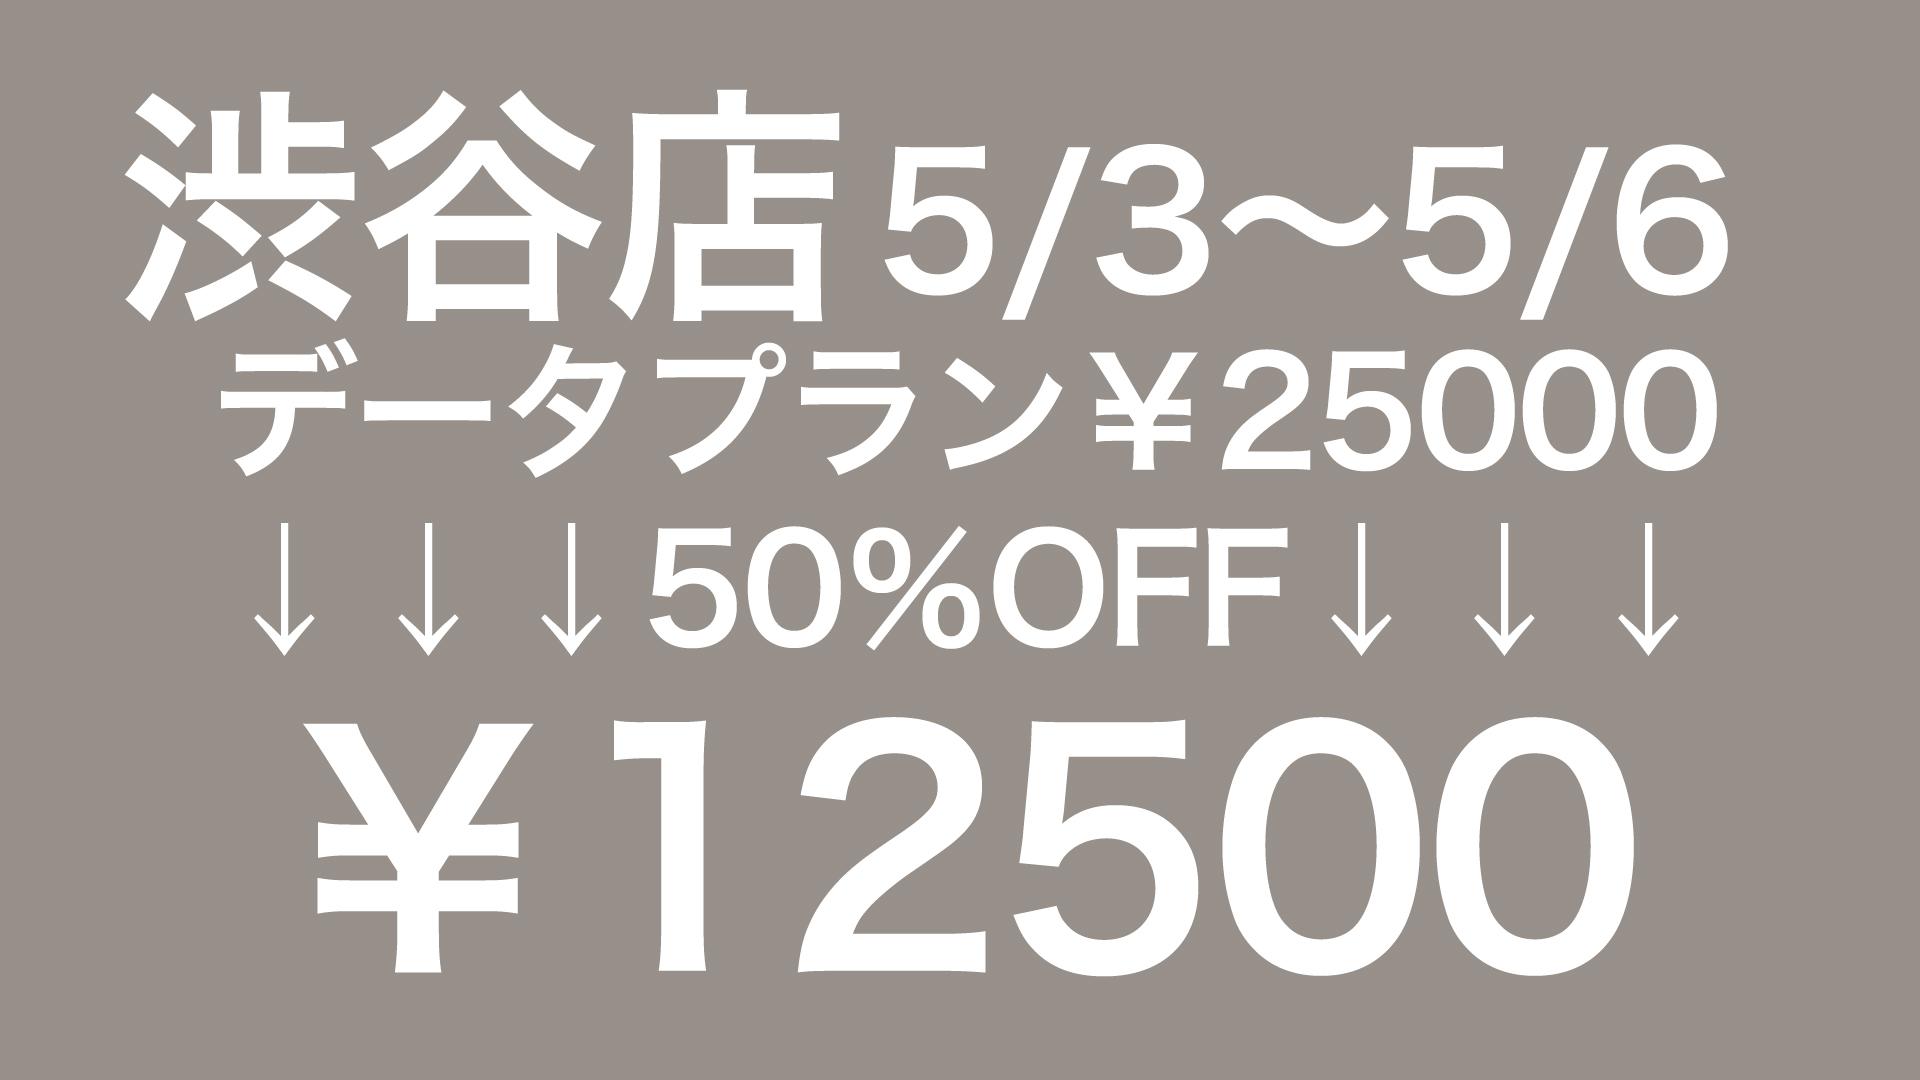 5/3〜5/6 2018ゴールデンウィーク50%OFF特別プラン